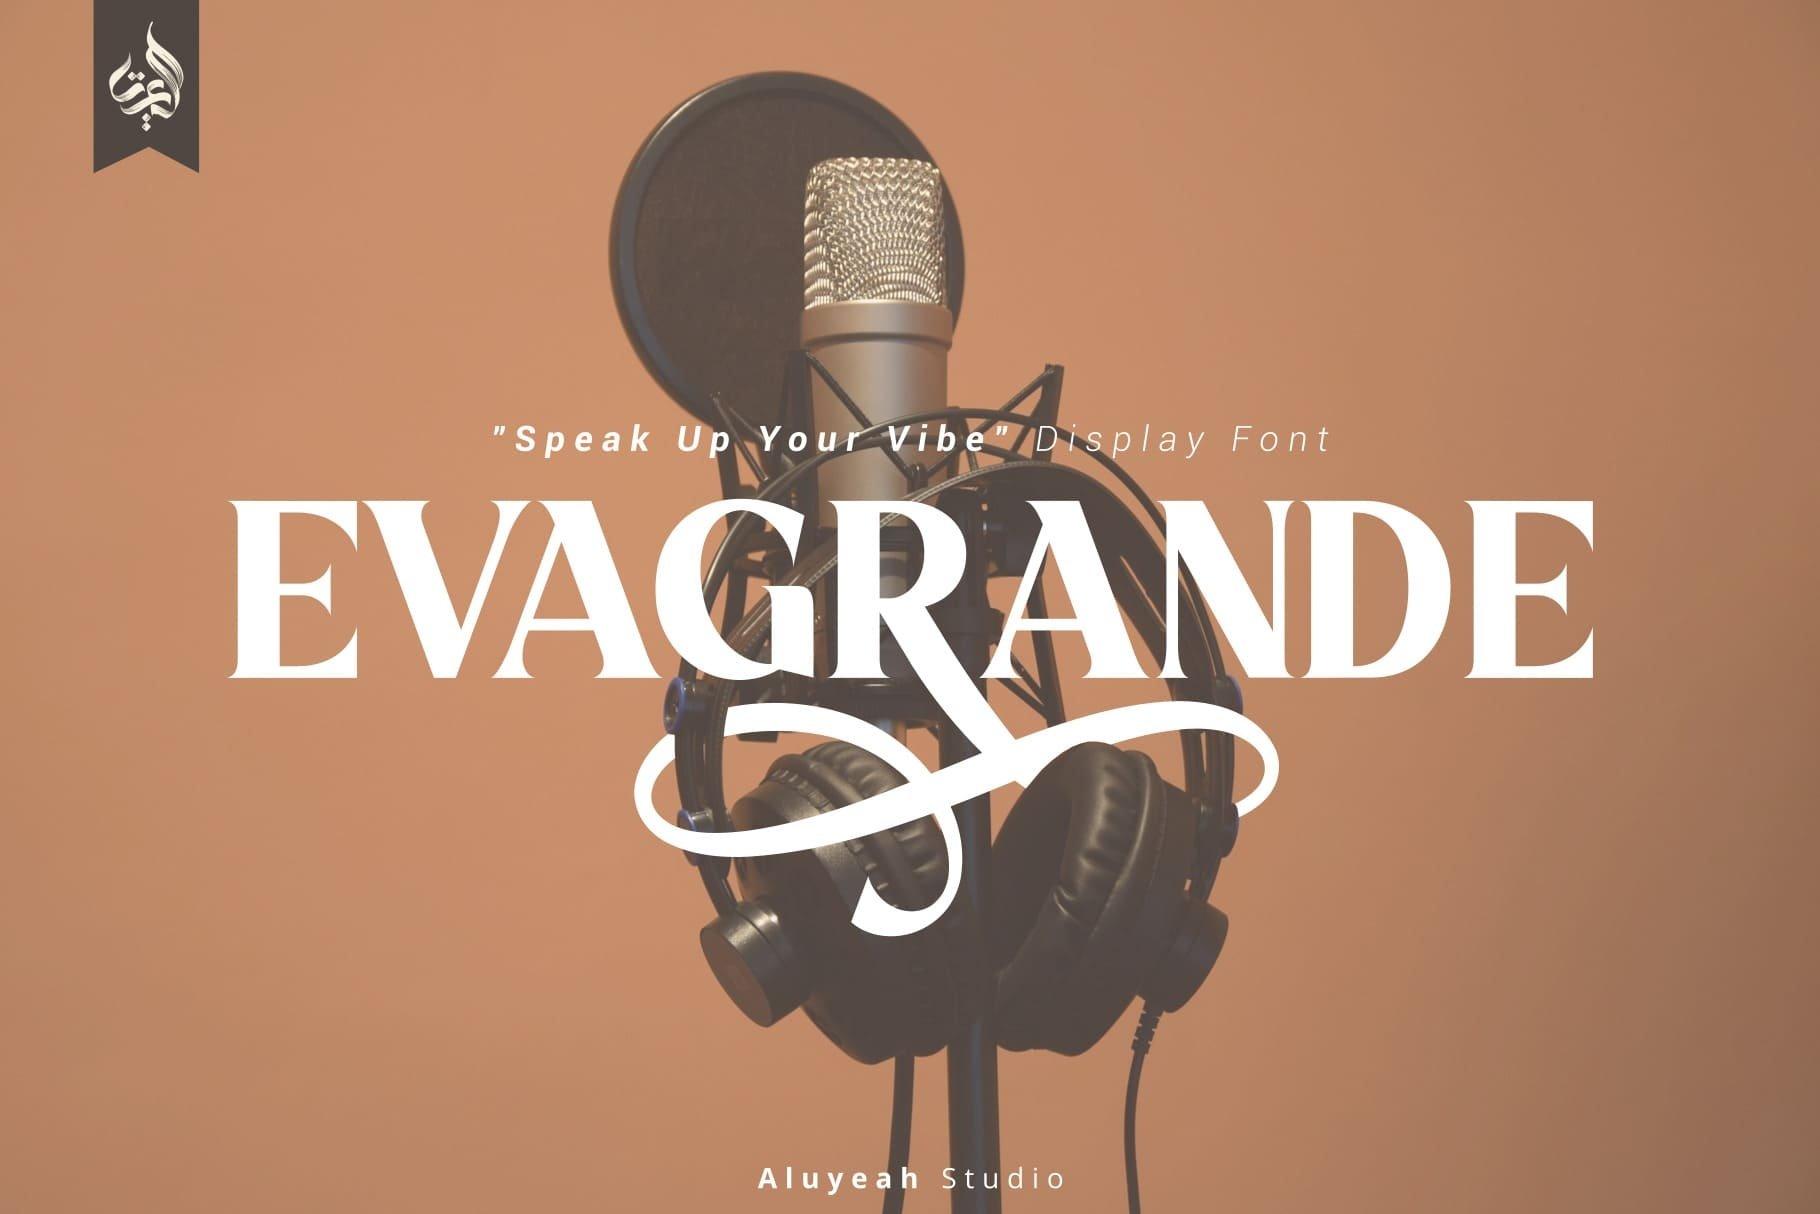 Evagrande-Font